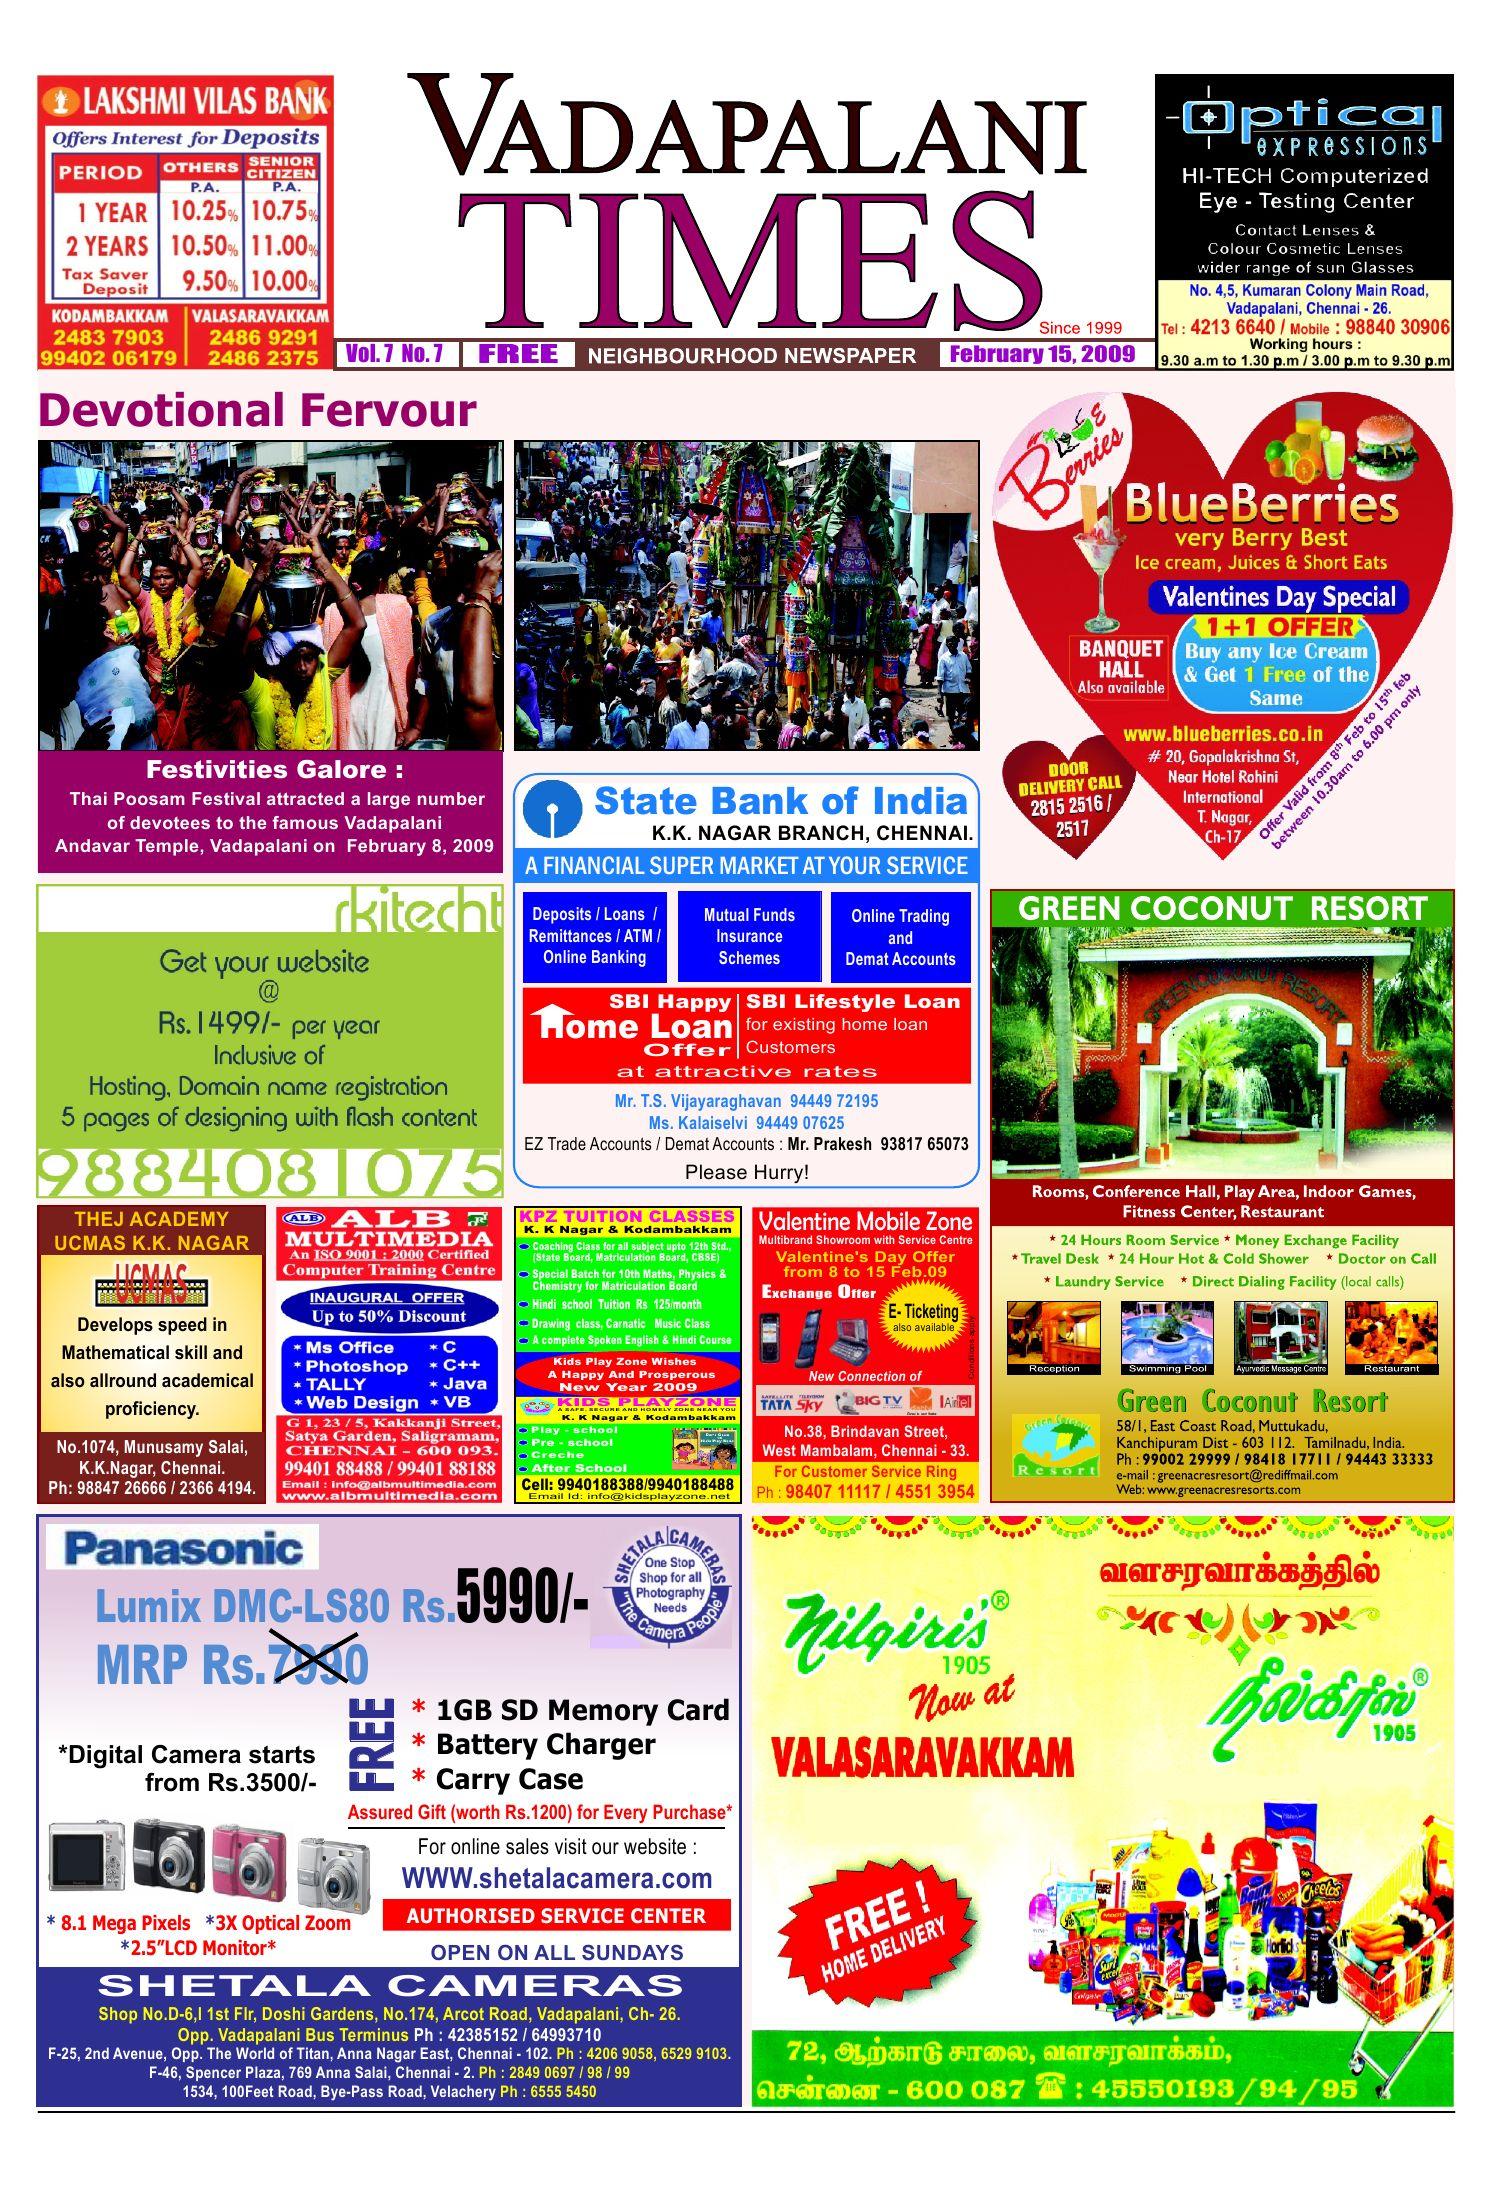 Vadapalani Times by Vadapalani Times - issuu